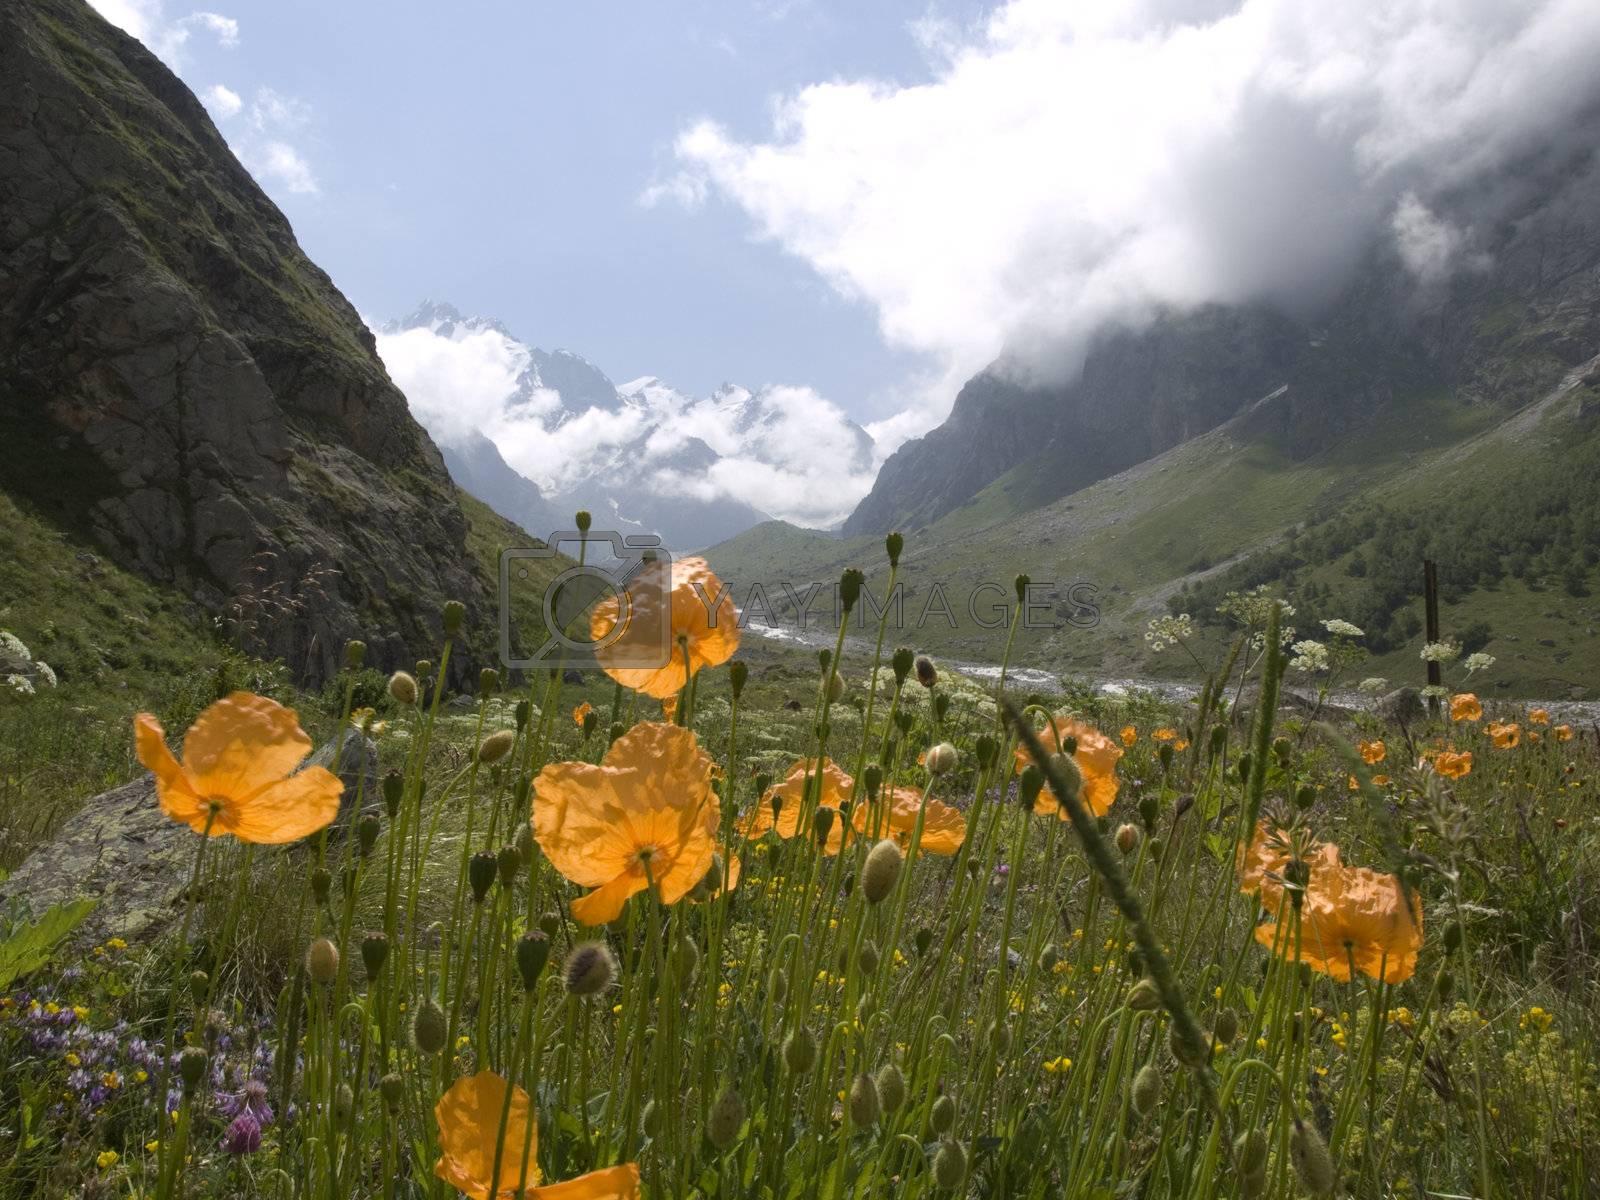 Mountains and flowers. Caucasus. Kabardino-Balkariya. Bezengi.